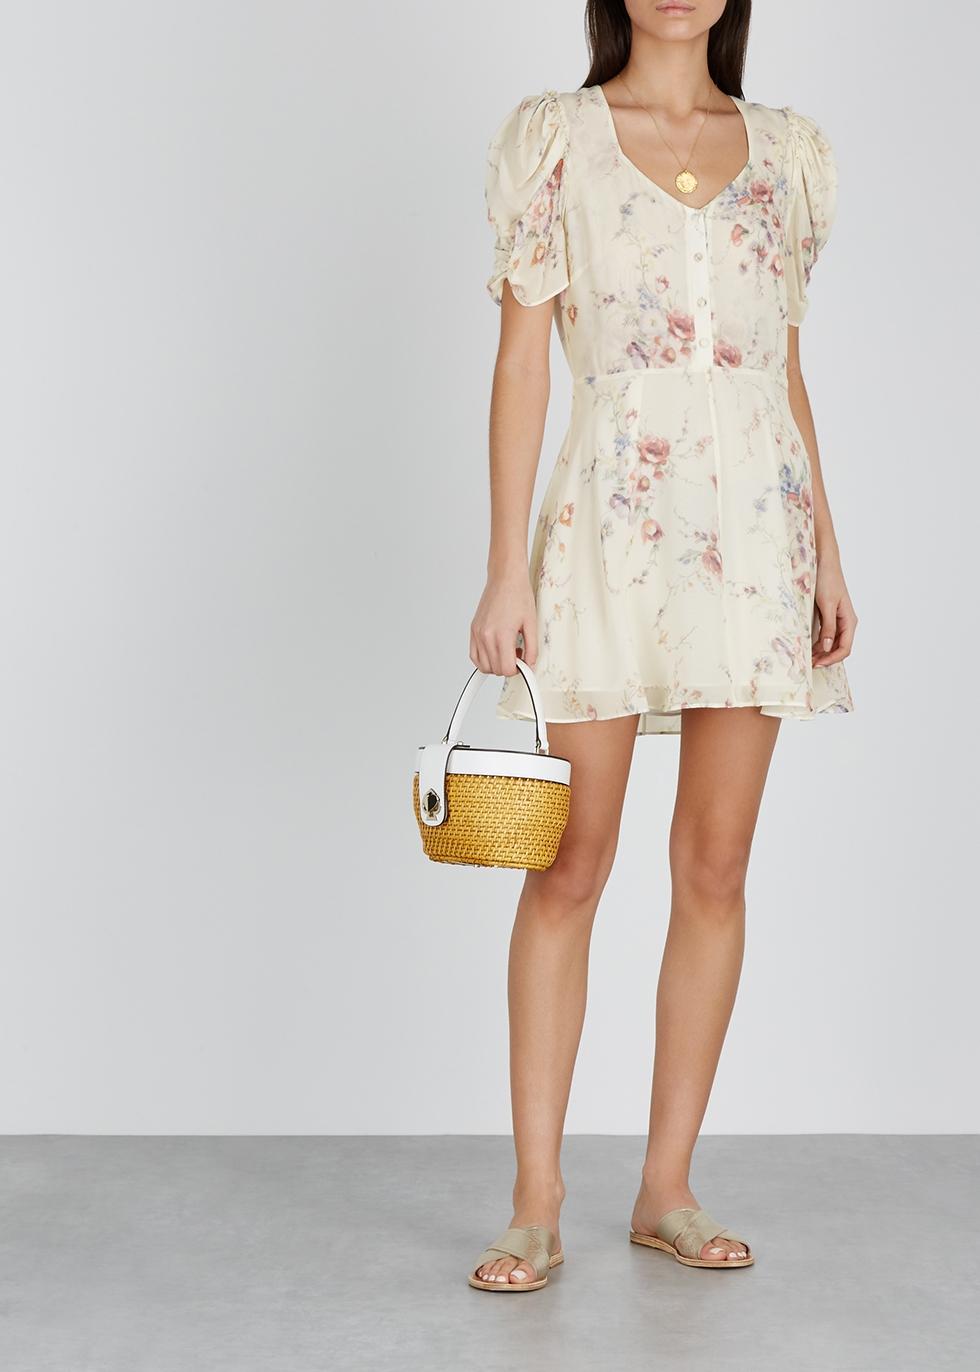 Cora floral-print silk mini dress - LoveShackFancy